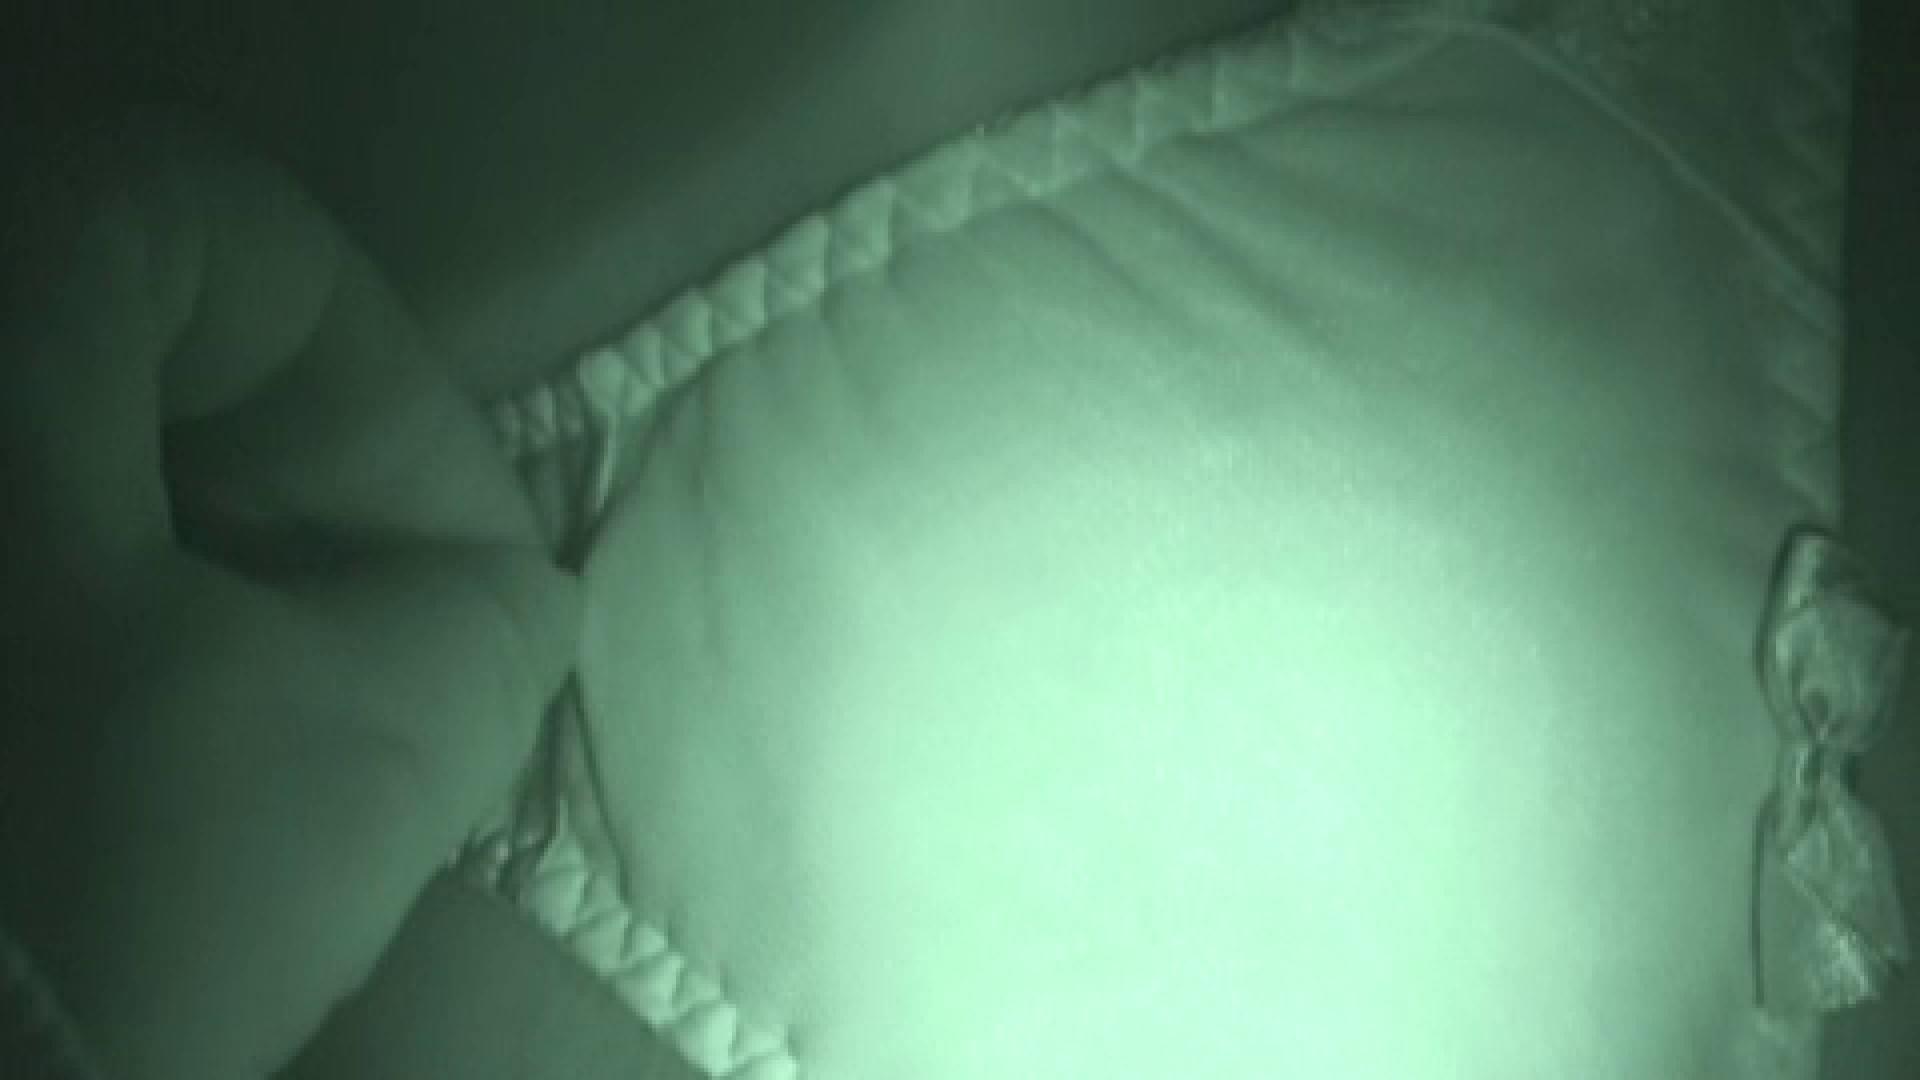 起きません! vol.10 OLハメ撮り  111Pix 66